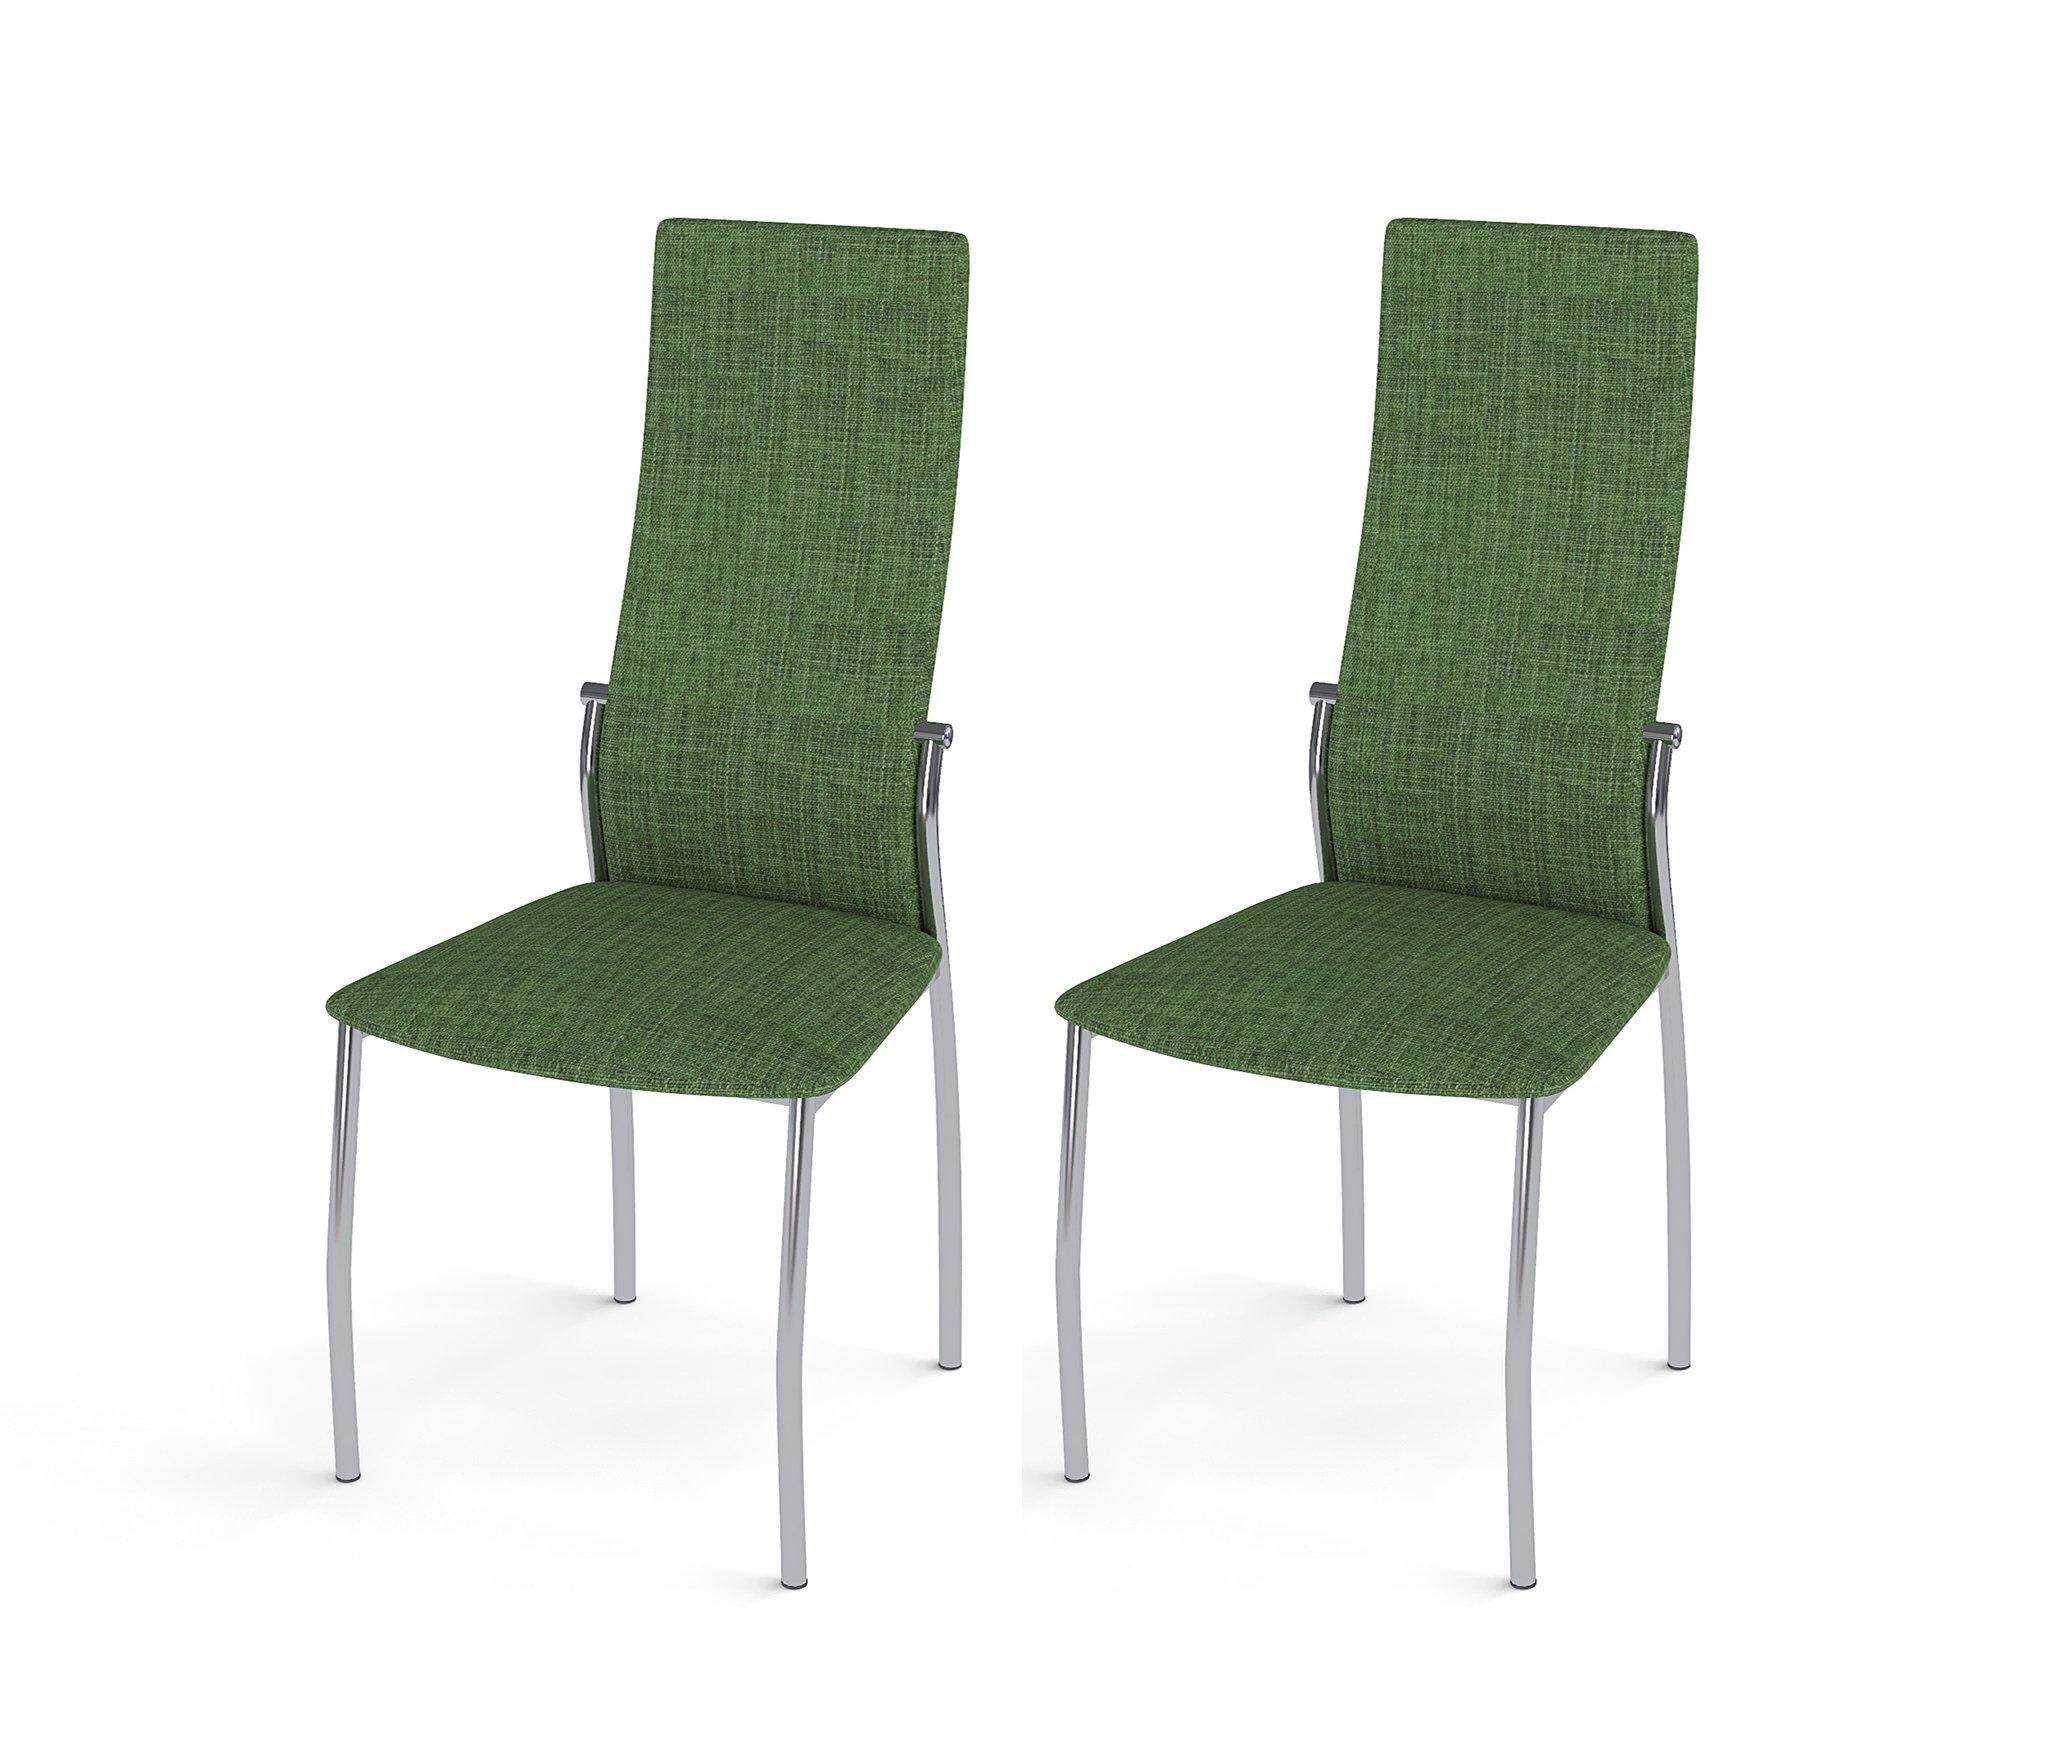 Стул Галс хром/ткань №16 зеленый (в комплекте 2 шт.) недорого